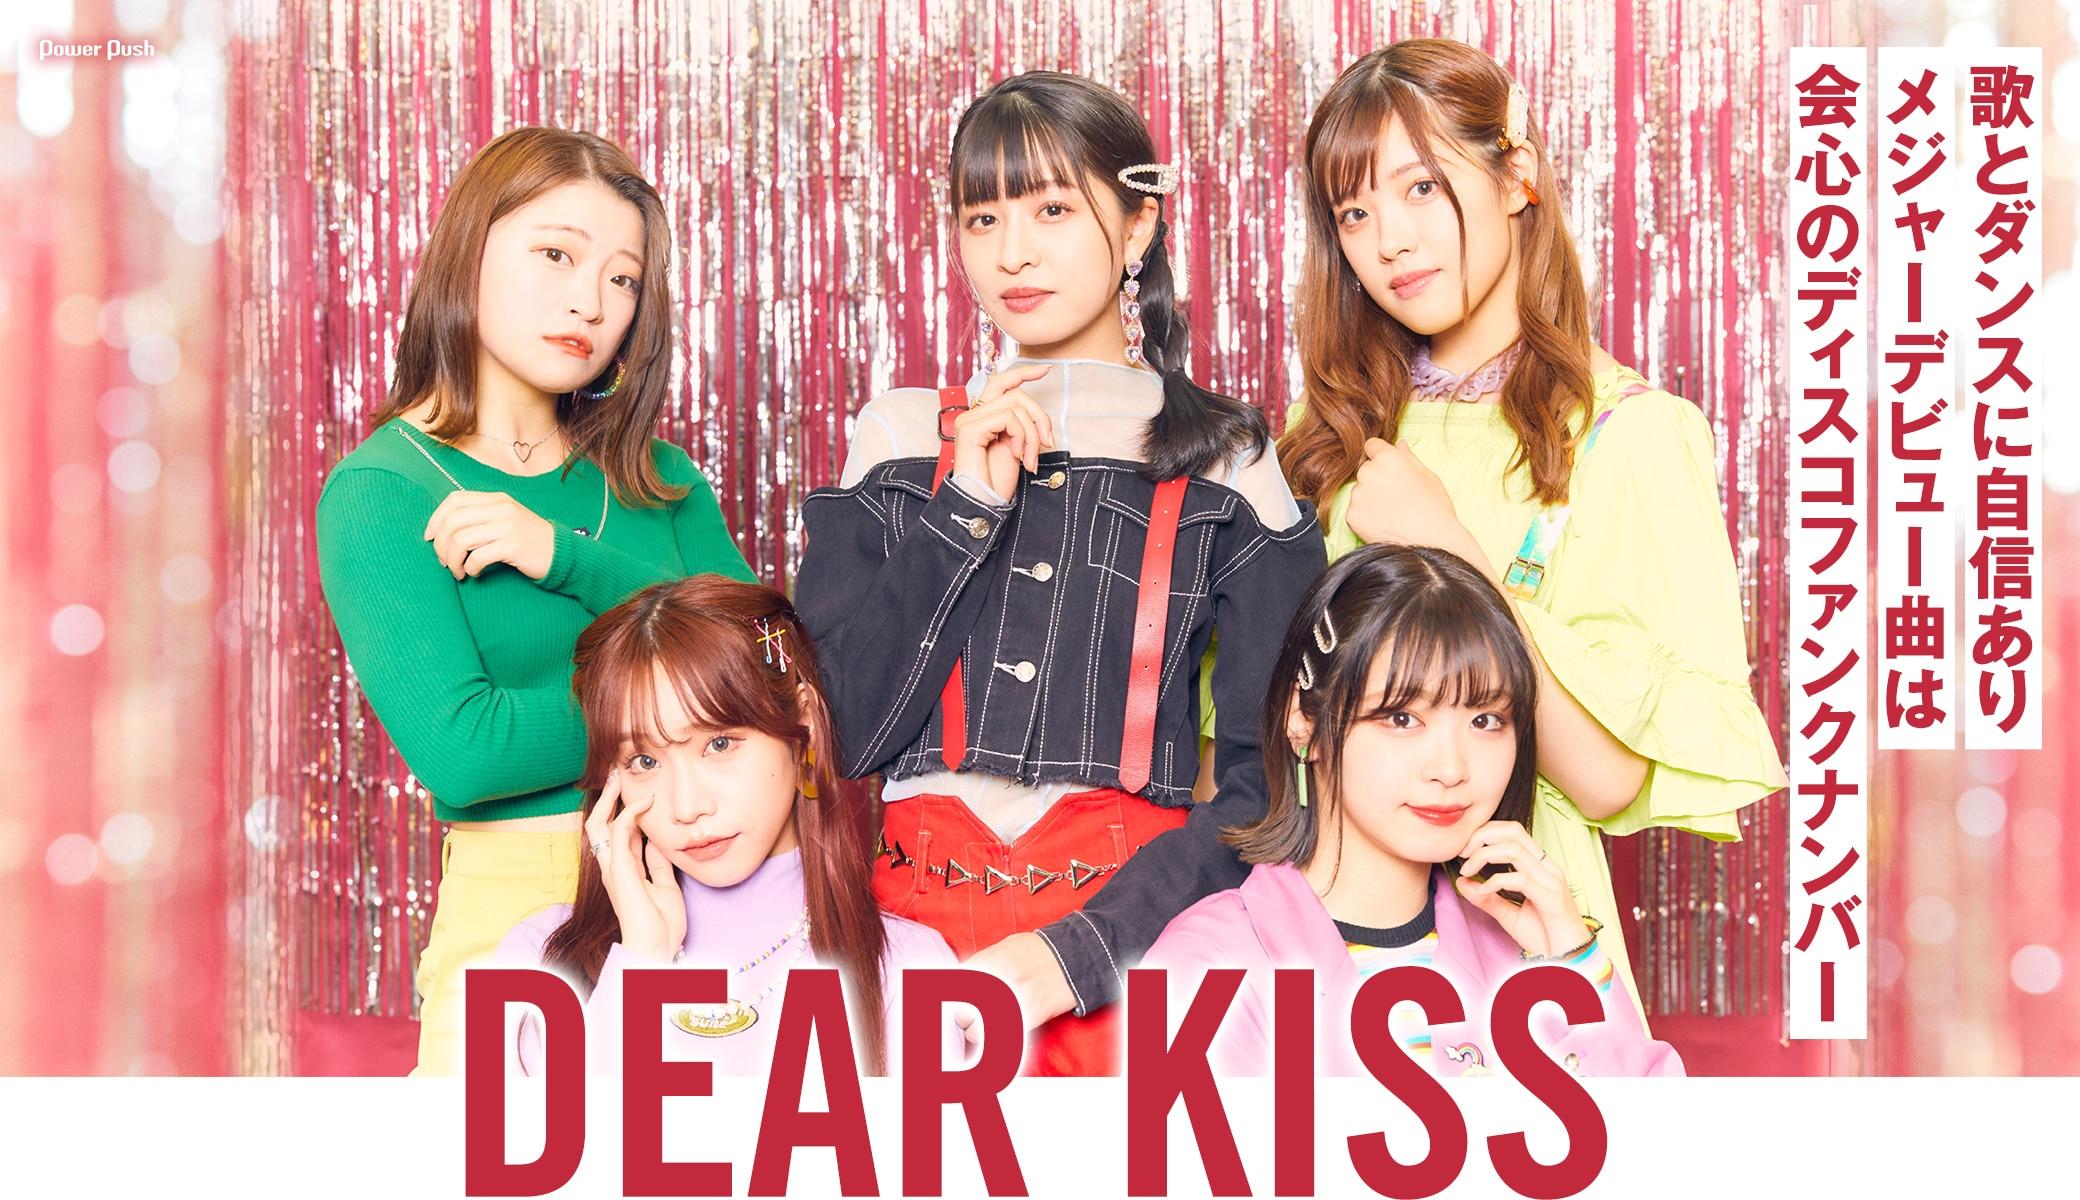 DEAR KISS 歌とダンスに自信あり メジャーデビュー曲は会心のディスコファンクナンバー